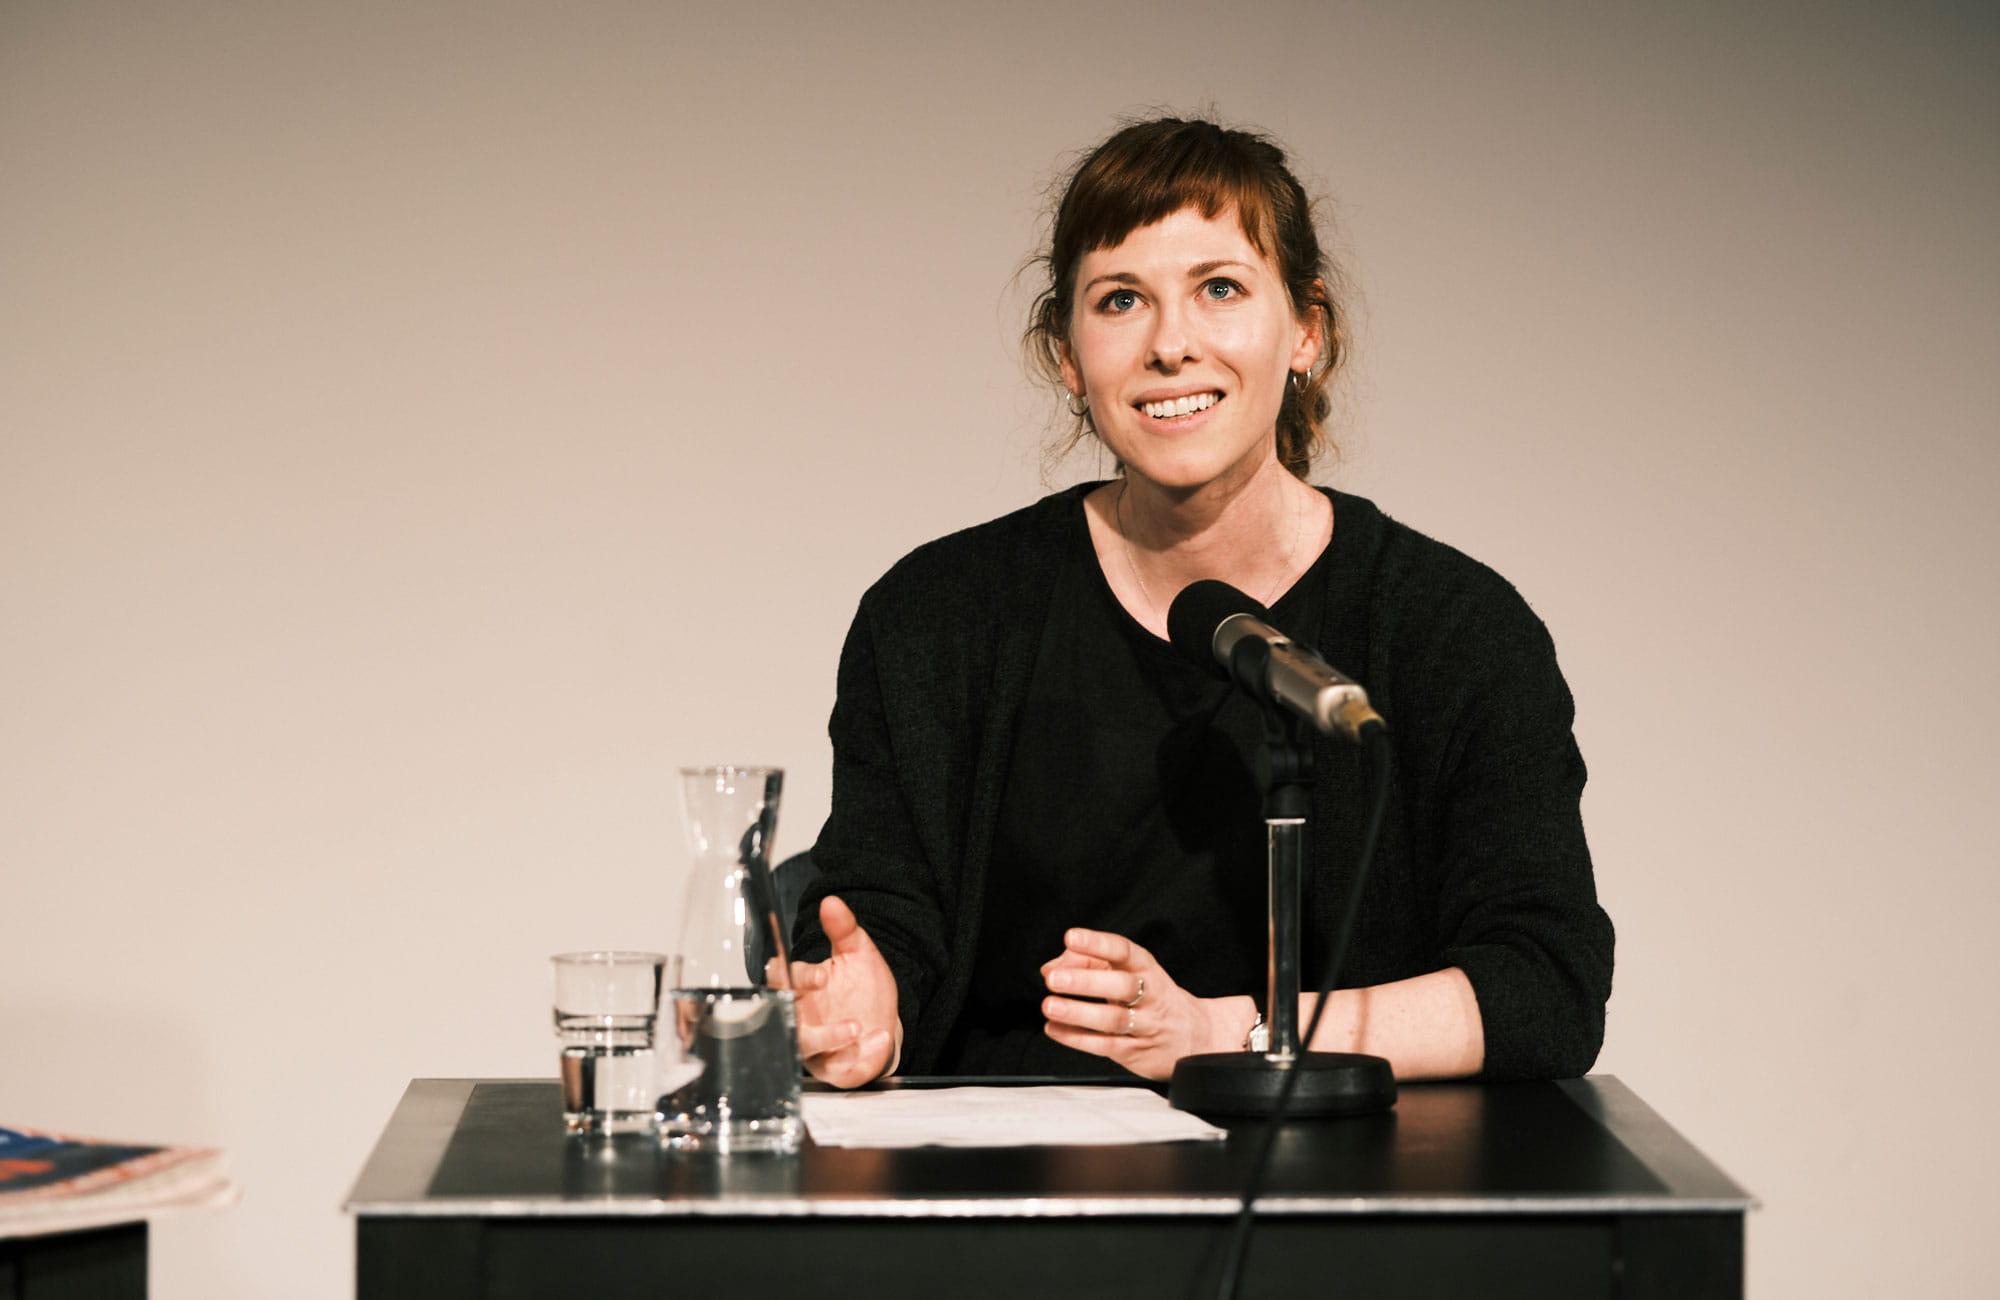 Alexandra Rojkov, Tilman Rau: Besuche am Abgrund - Reportagen über das Extreme <br/>(c) Sebastian Wenzel